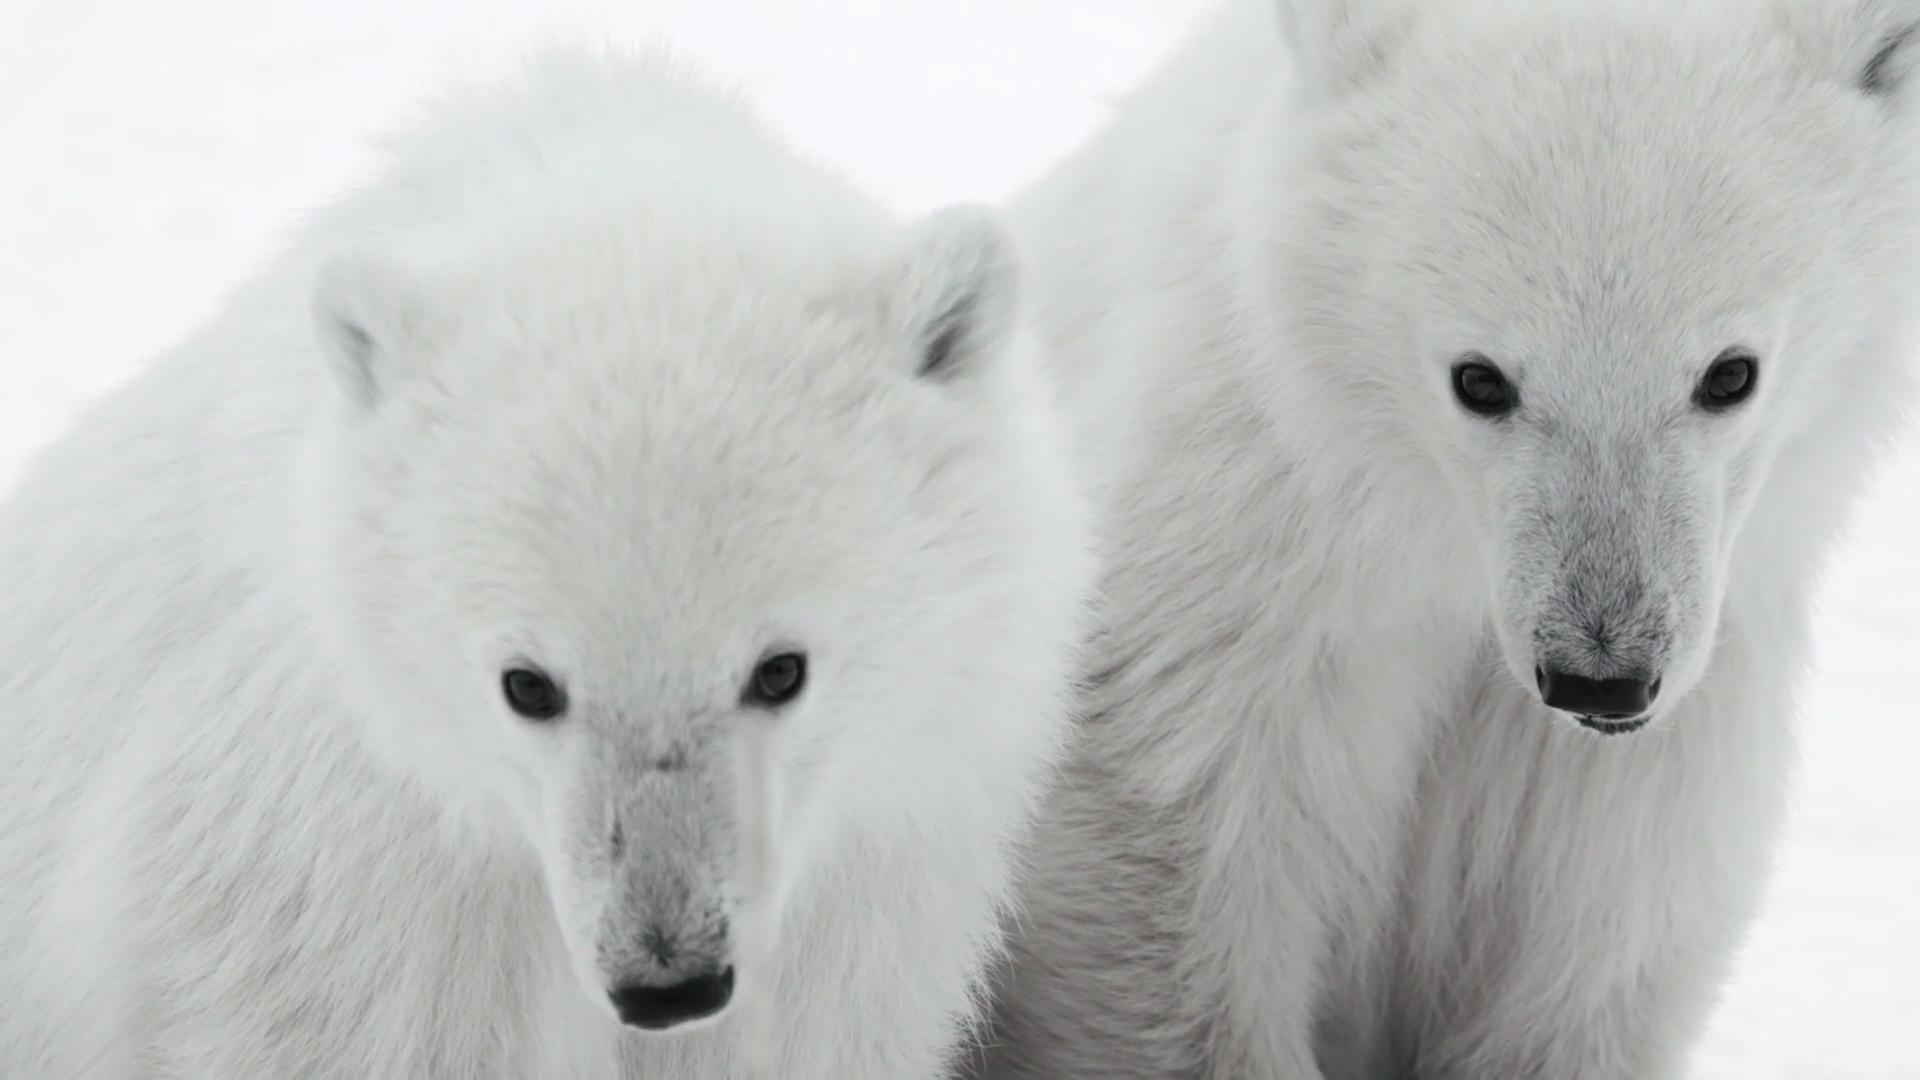 Polar bears cubs on the Great Ice Bear Adventure. Dymond Lake Ecolodge. Build film photo.